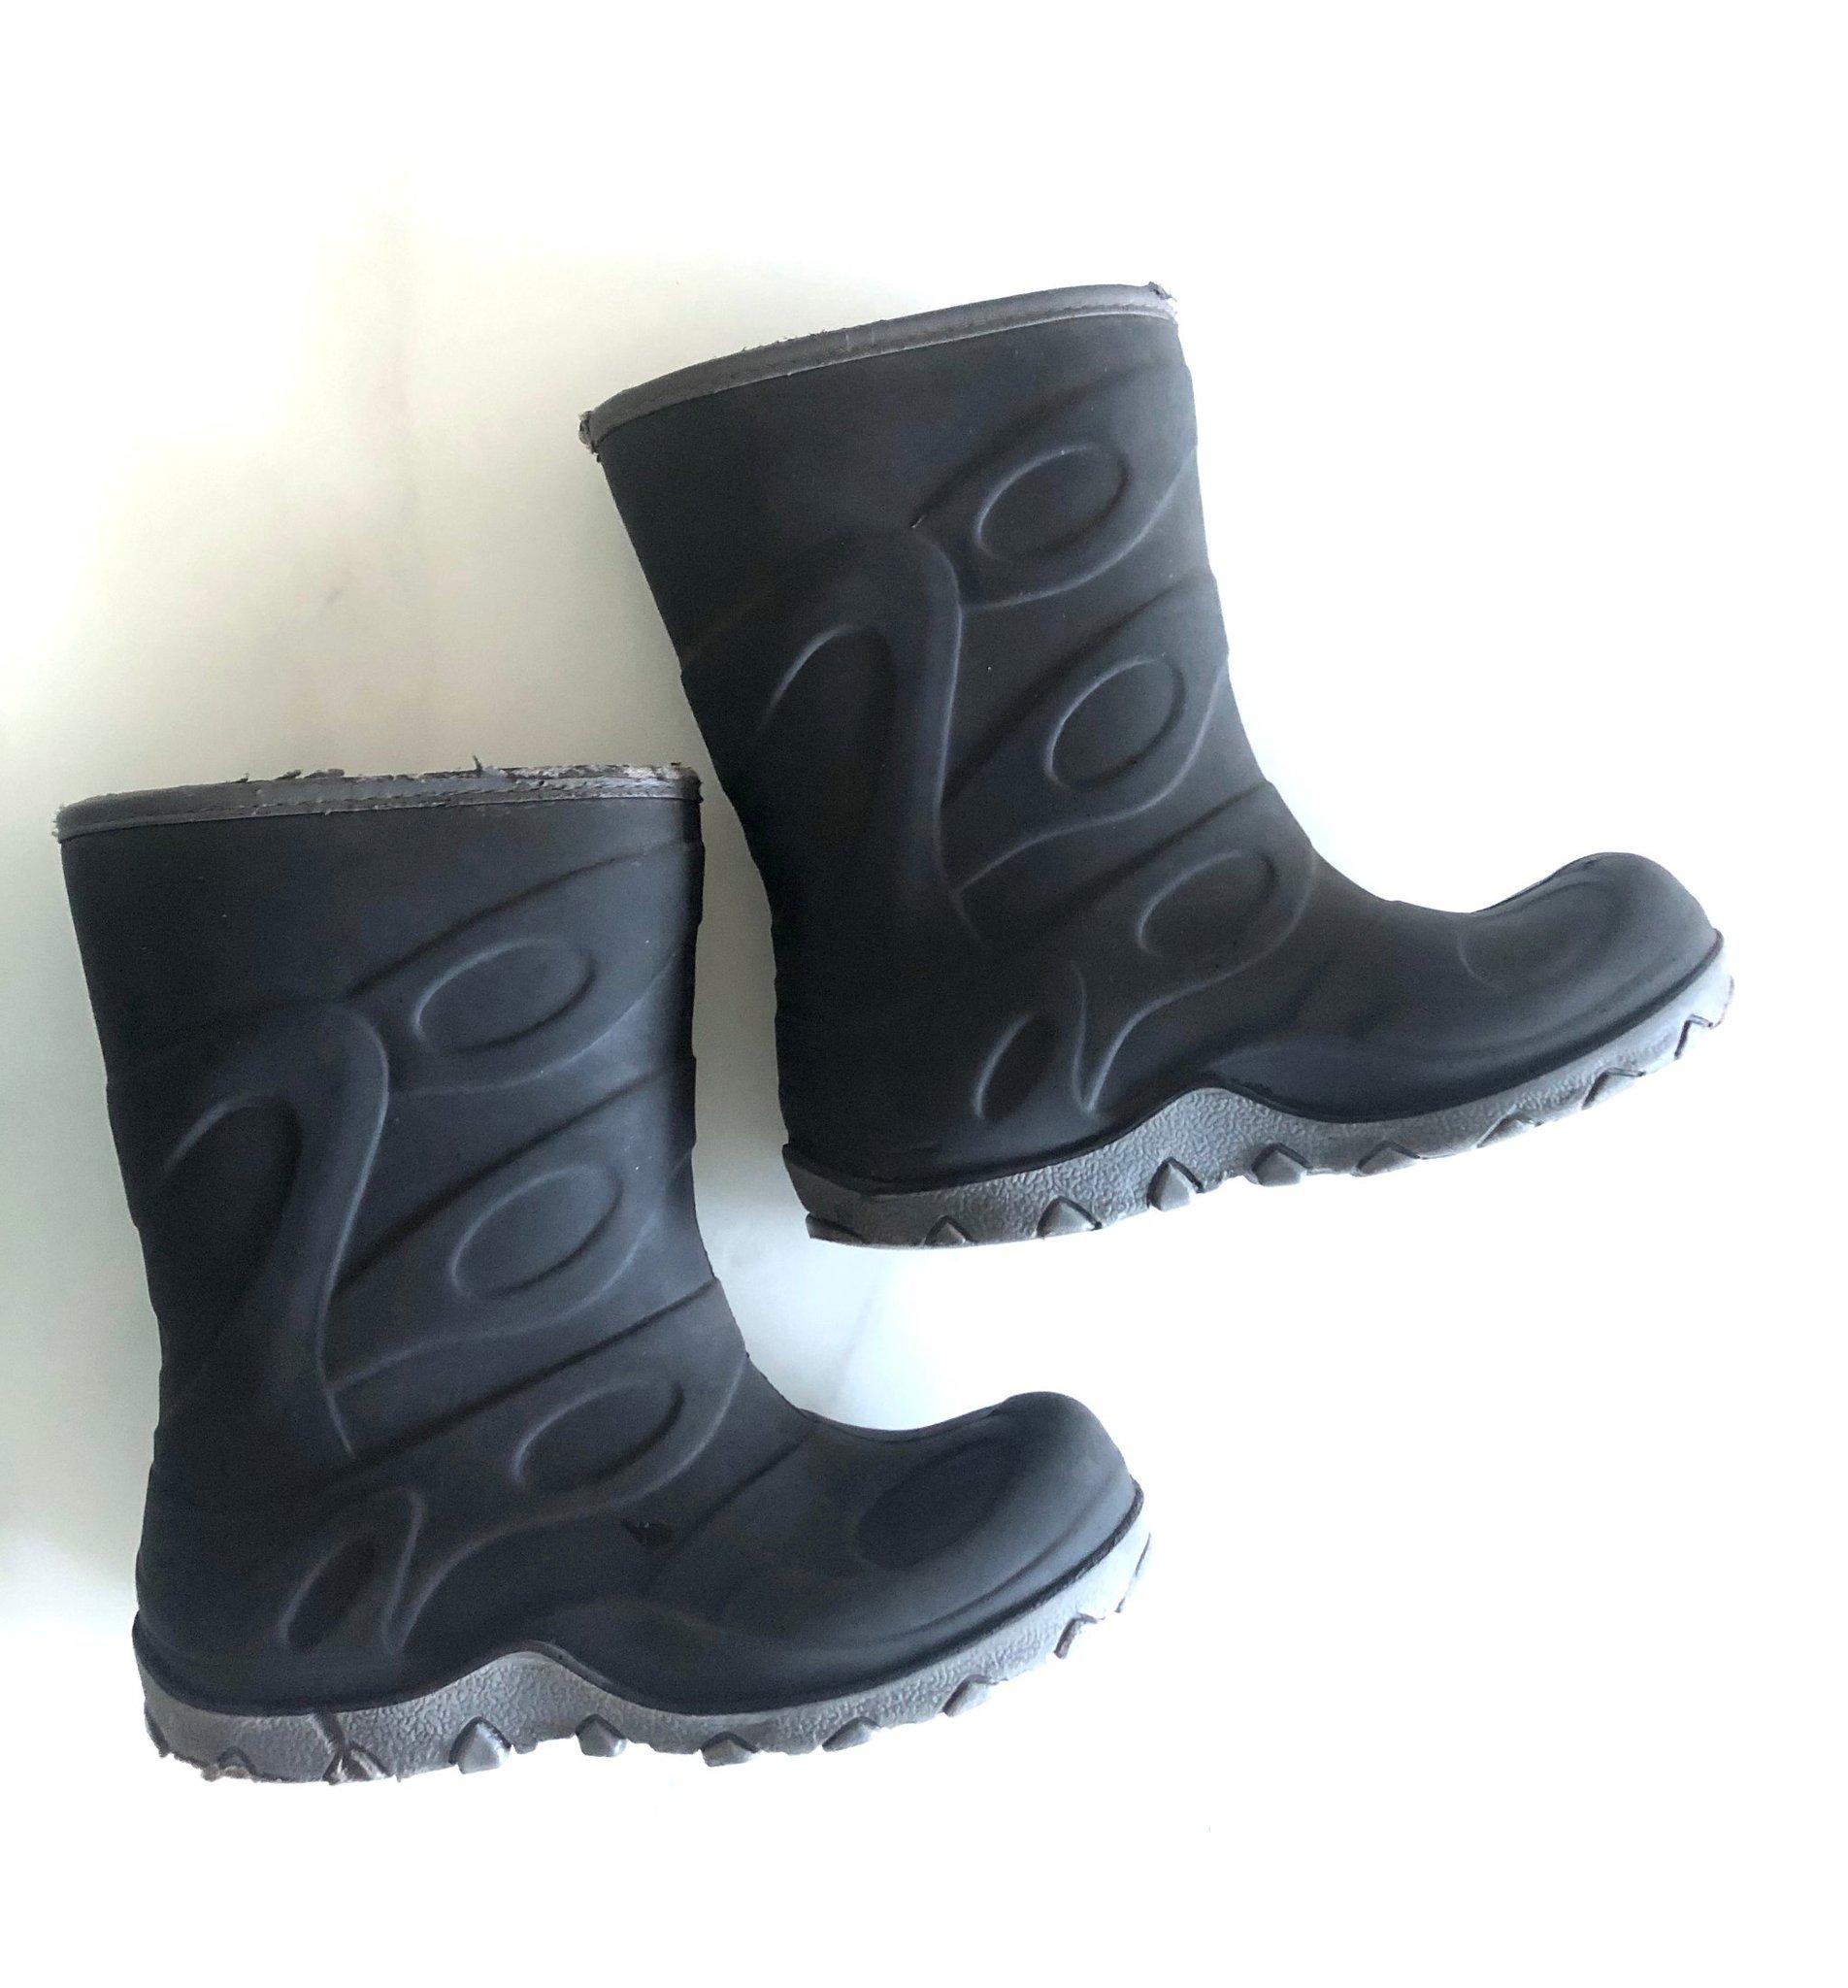 Kuling vinter stövlar svart, stl 28 (416228314) ᐈ Köp på